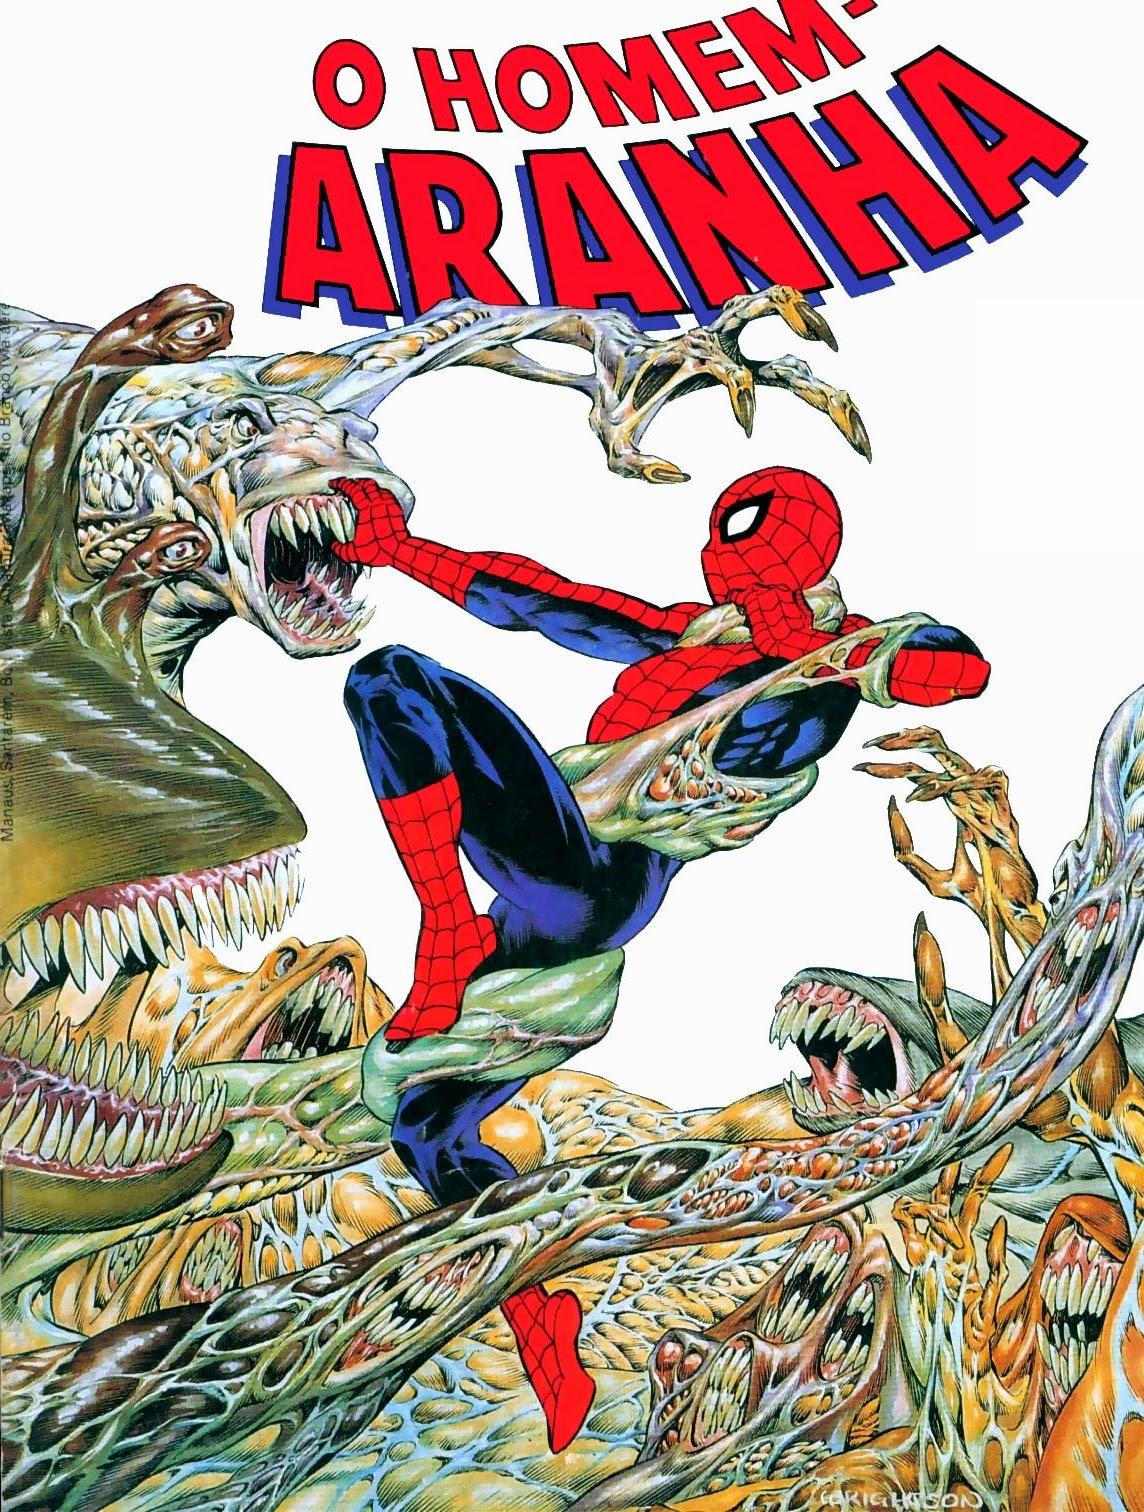 O Homem-Aranha - Marandi #1